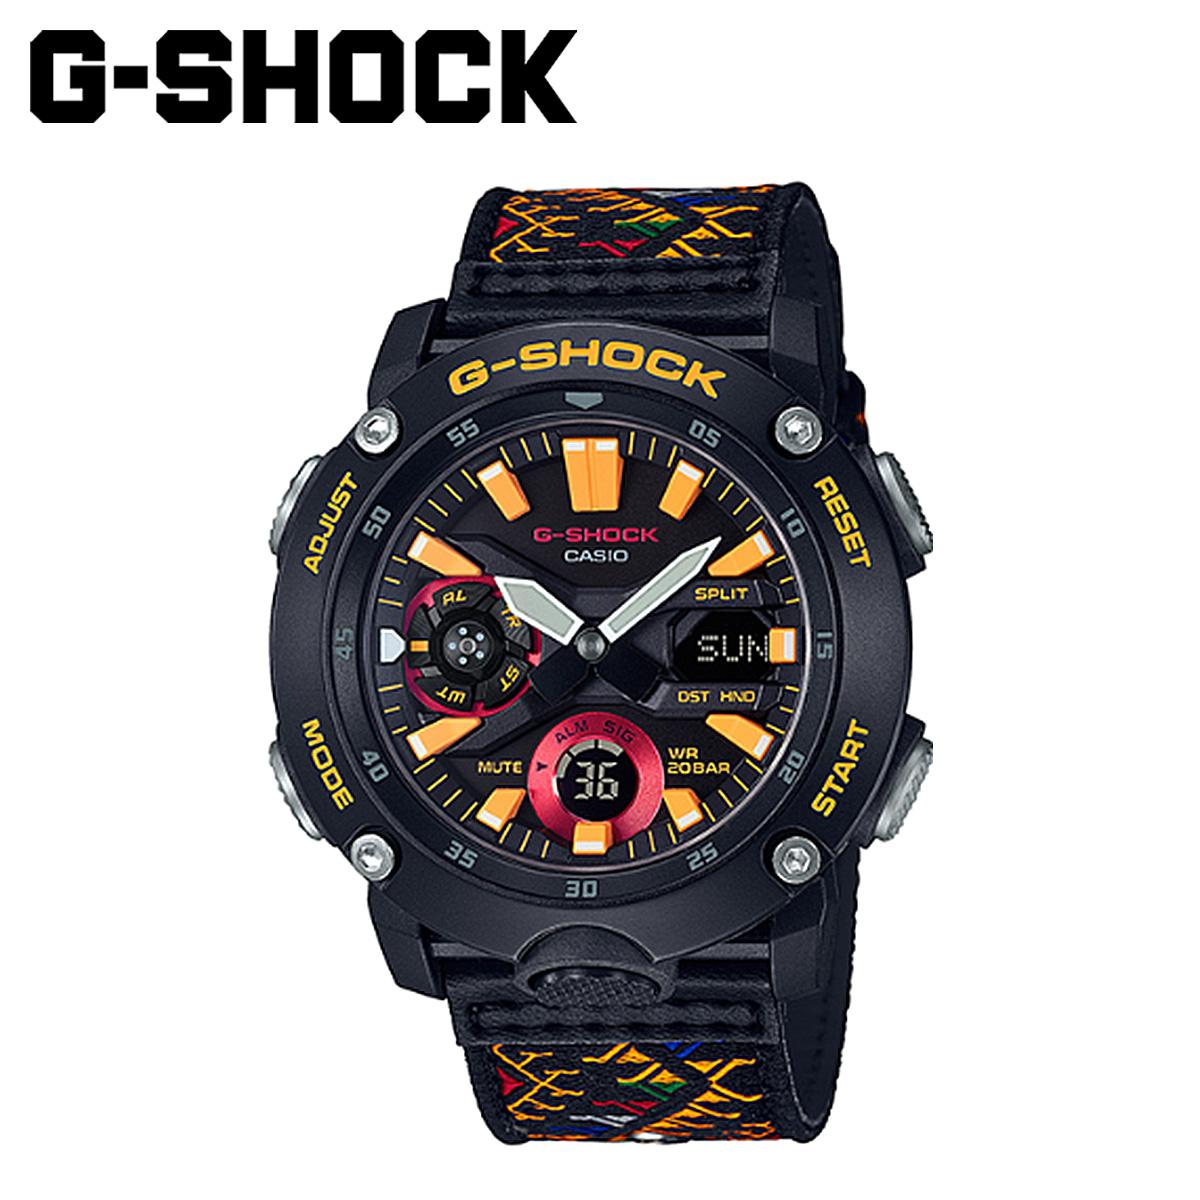 CASIO G-SHOCK カシオ 腕時計 GA-2000BT-1AJR カーボンコアガード ブータン王国 ジーショック Gショック G-ショック メンズ レディース ブラック 黒